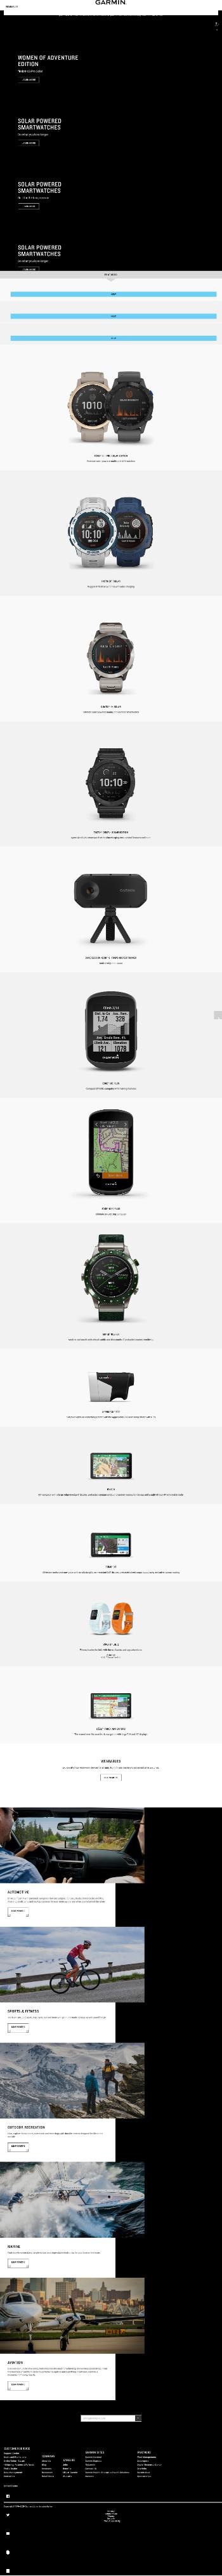 Garmin Ltd. Website Screenshot